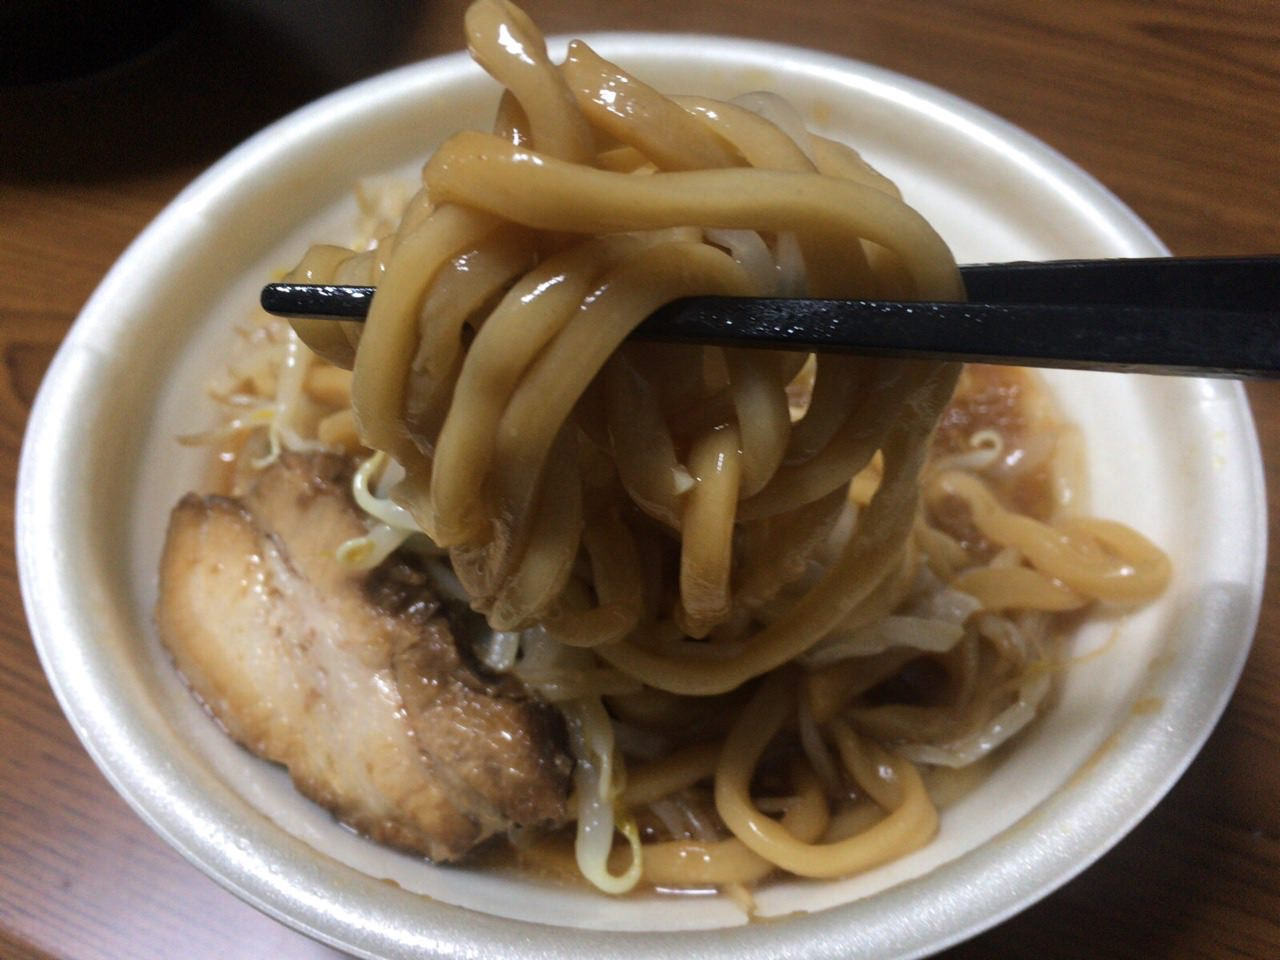 セブンイレブン 中華蕎麦 とみ田 6